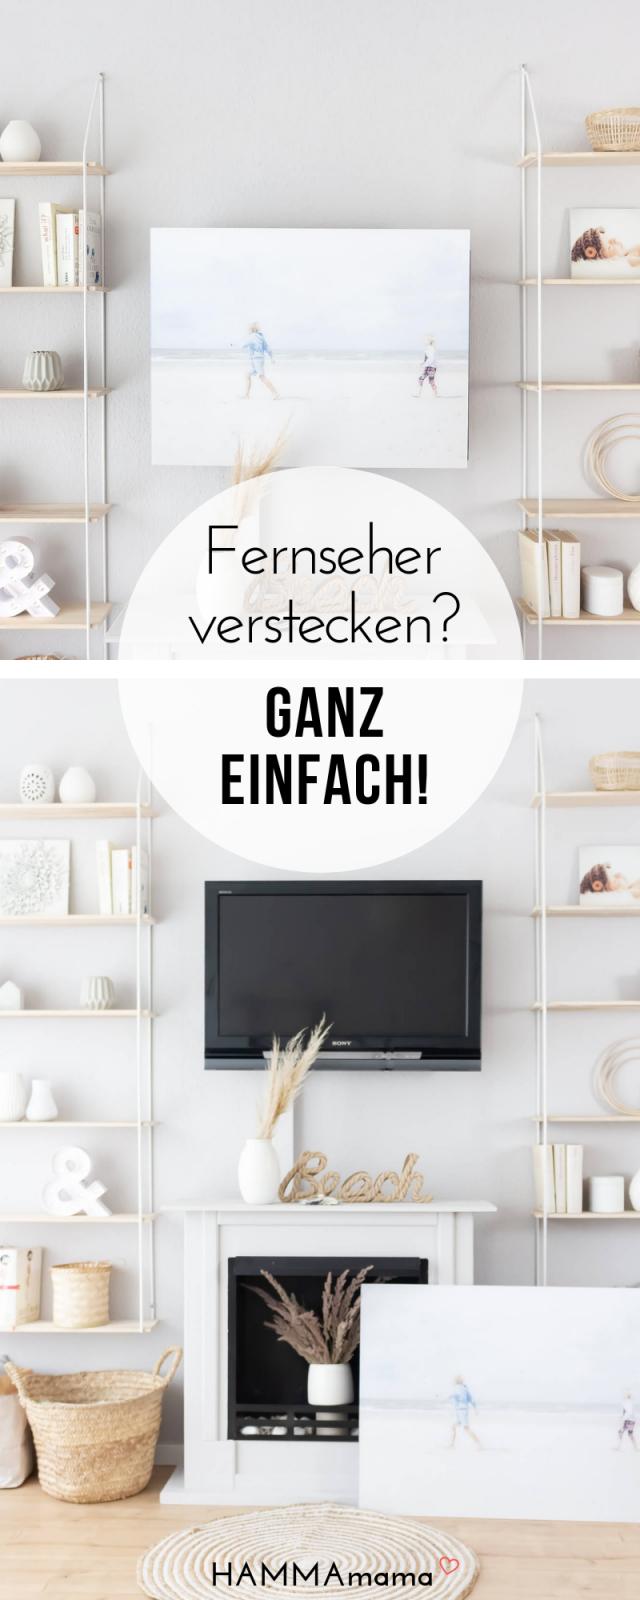 Den Fernseher Verstecken Mit Posterxxl  Die Frage Was Macht Einen von Fernseher Im Wohnzimmer Verstecken Bild